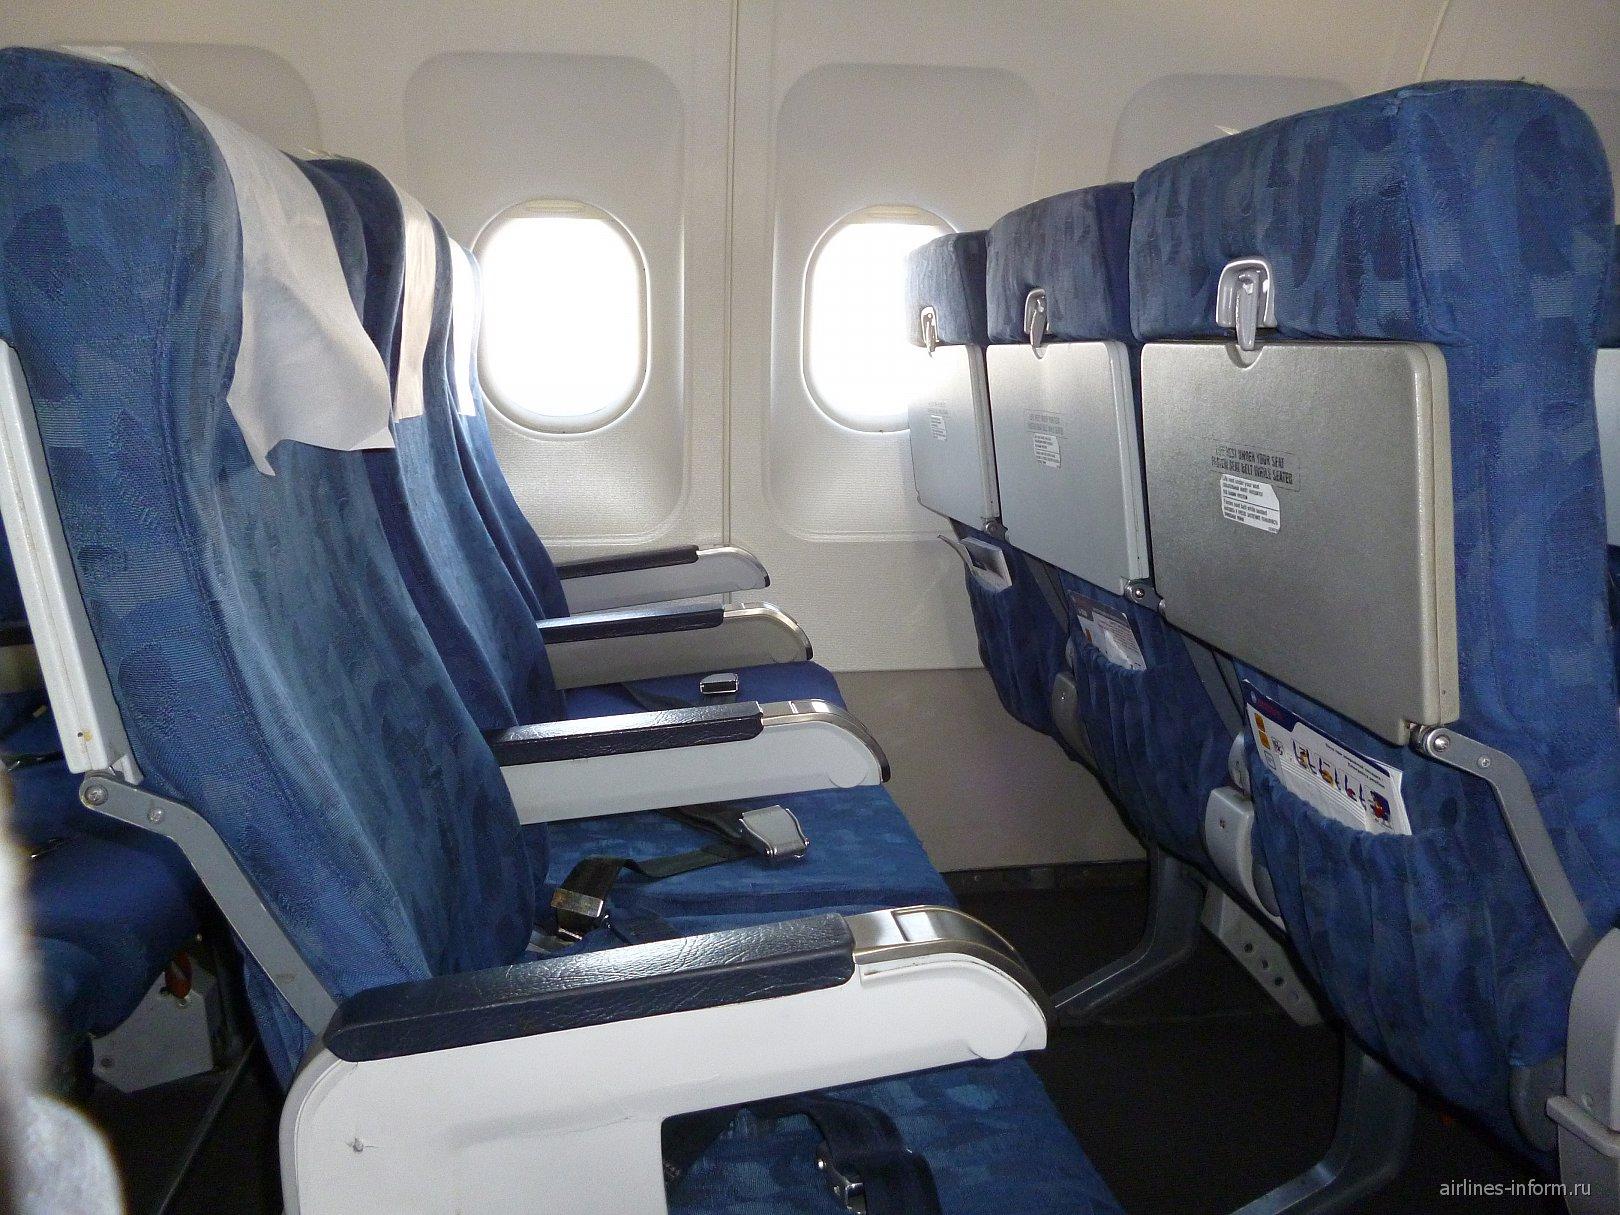 Кресла самолета Airbus A320 авиакомпании Владивосток Авиа